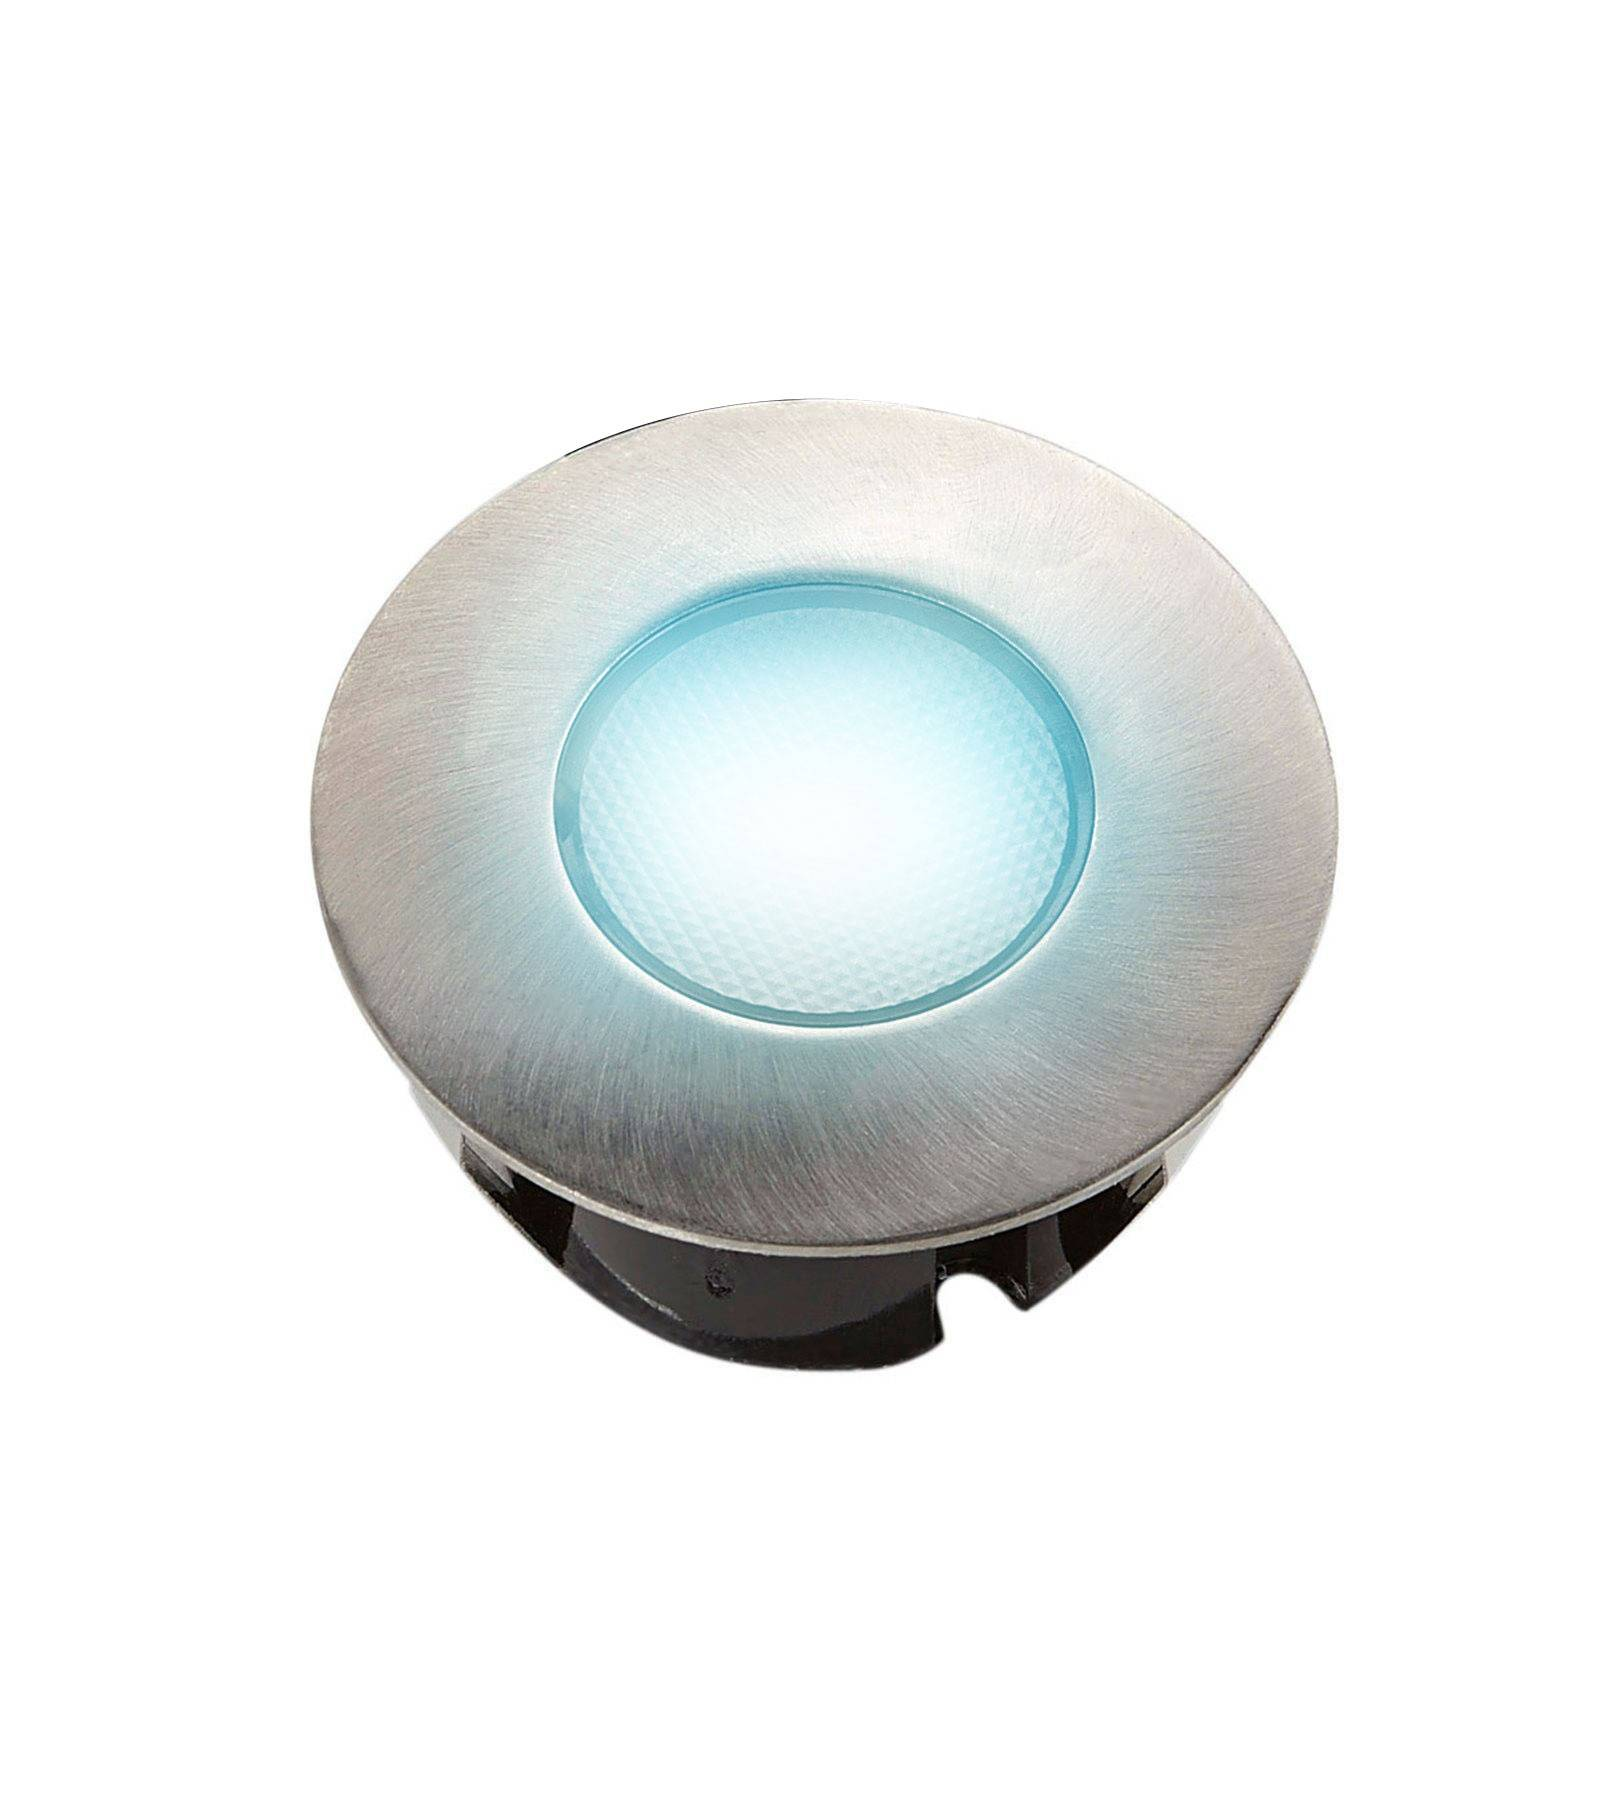 Easy Connect Mini Spot encastrable rond 7.5cm Inox Mini DECK Light 2W LED integrés IP67 Bleu extérieur EASY CONNECT - 65431